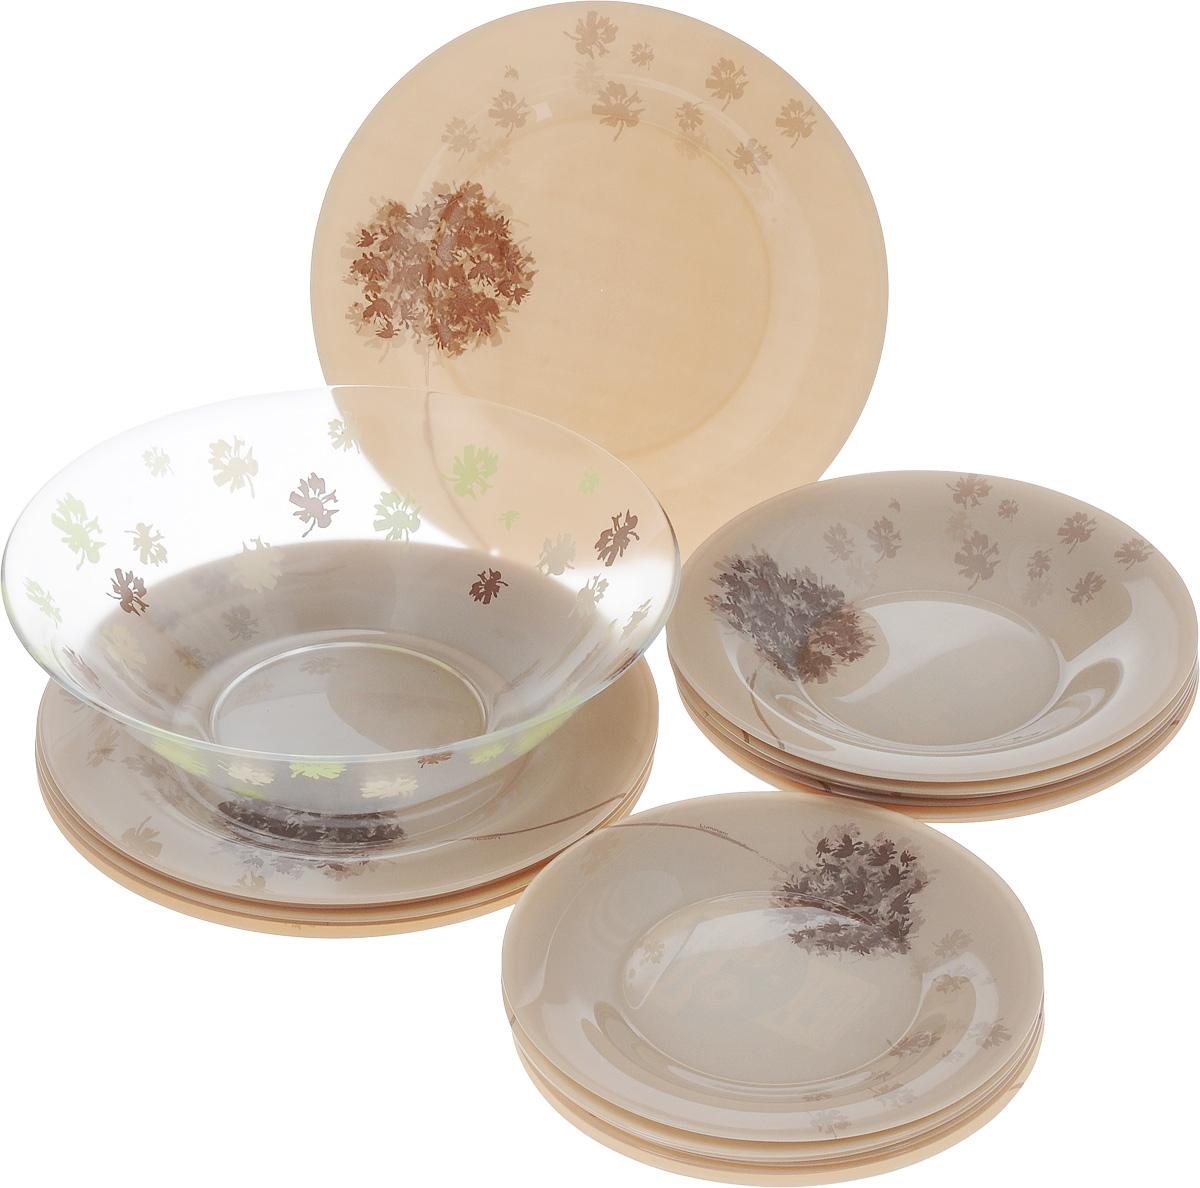 d42df05bc34d6 Набор столовой посуды Luminarc